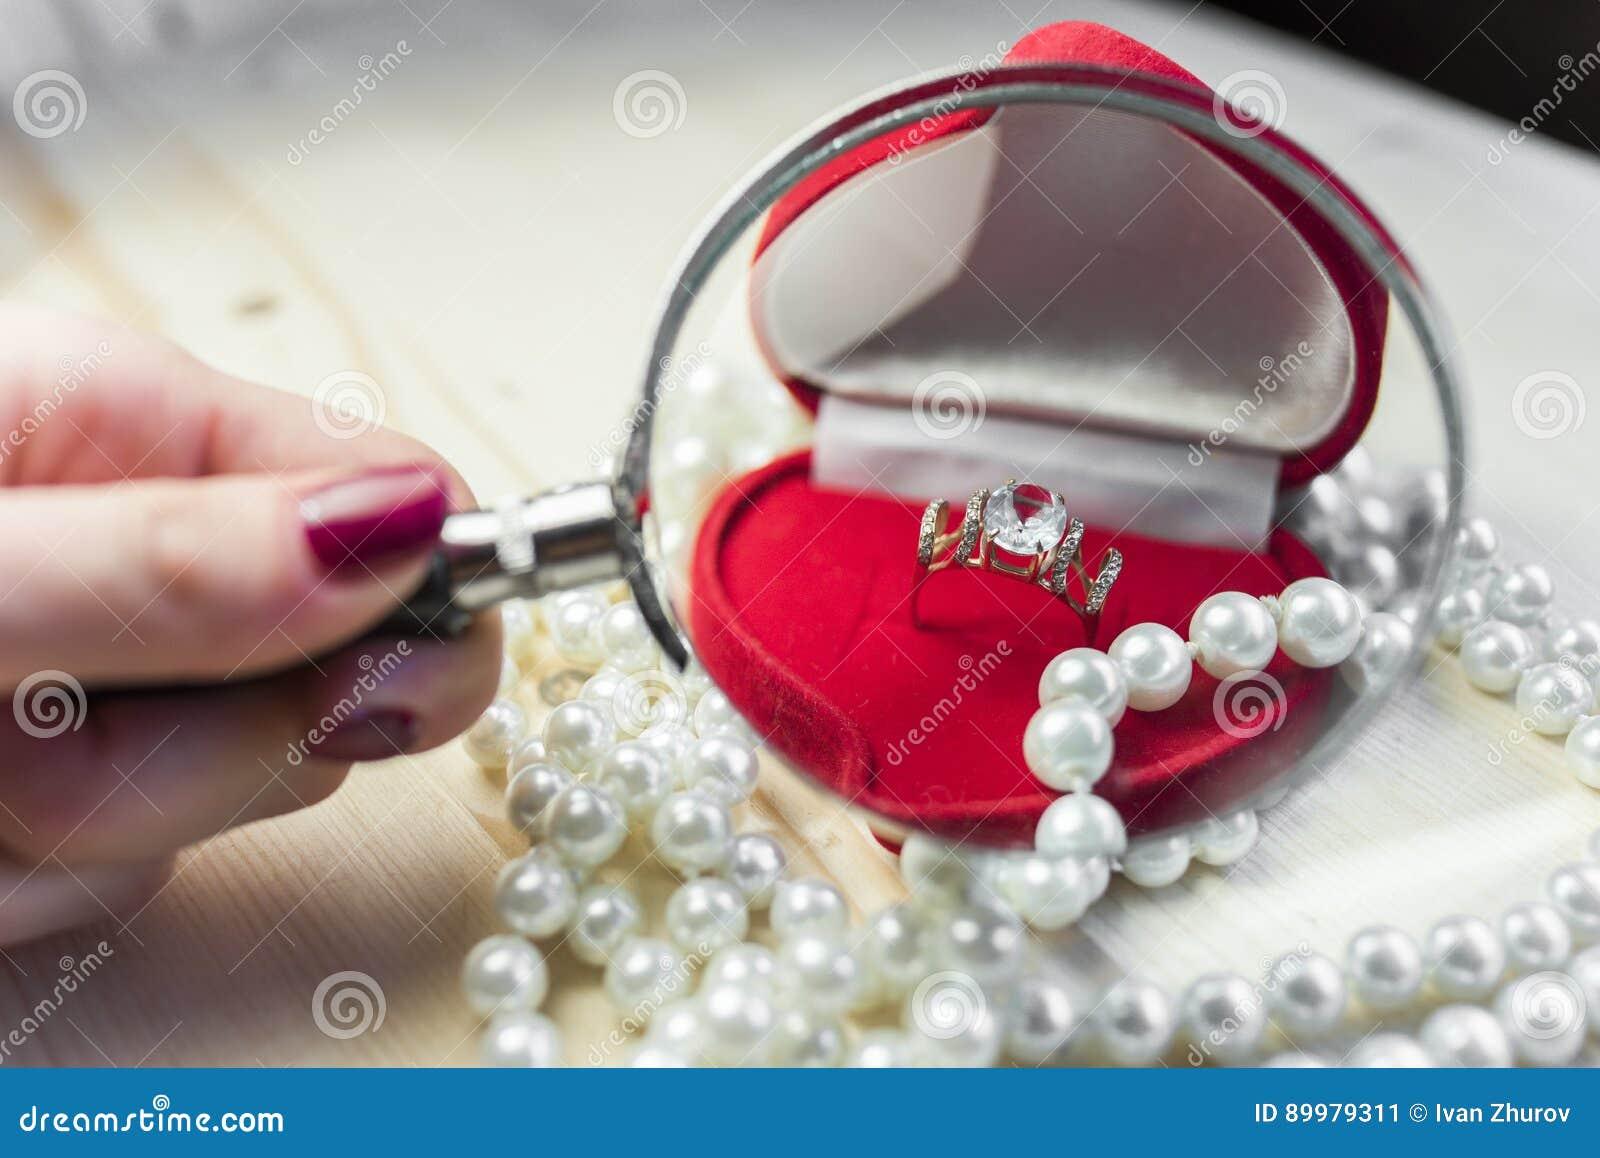 Anello dorato con topazio in un contenitore di regalo rosso con le perle sull orlo della tavola